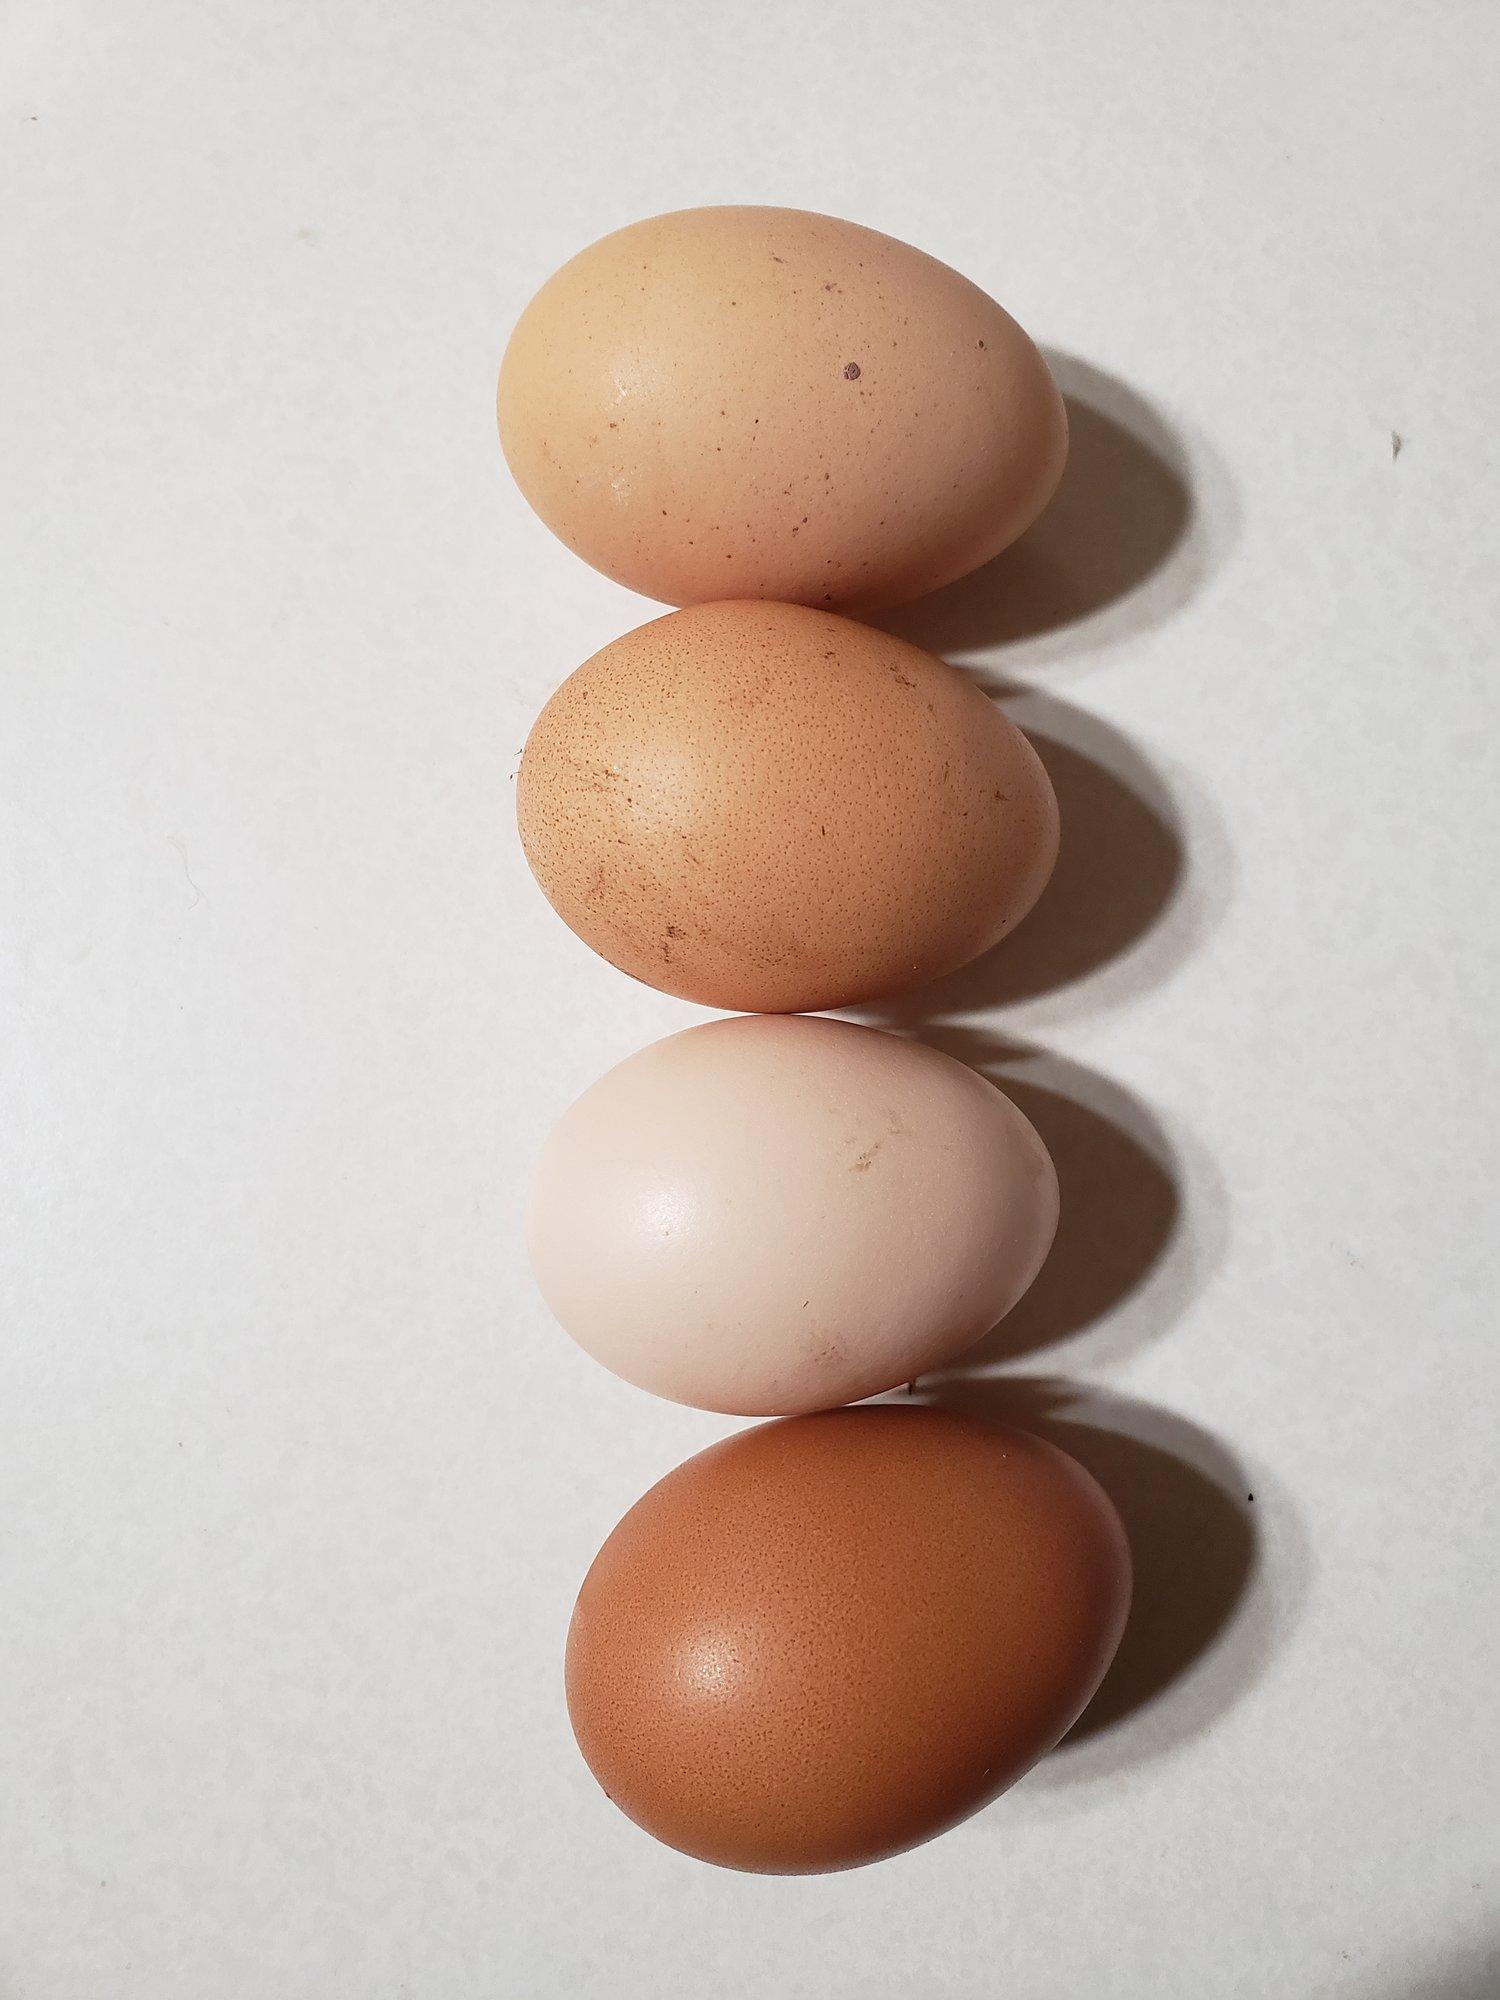 eggs 12-30-18.jpg